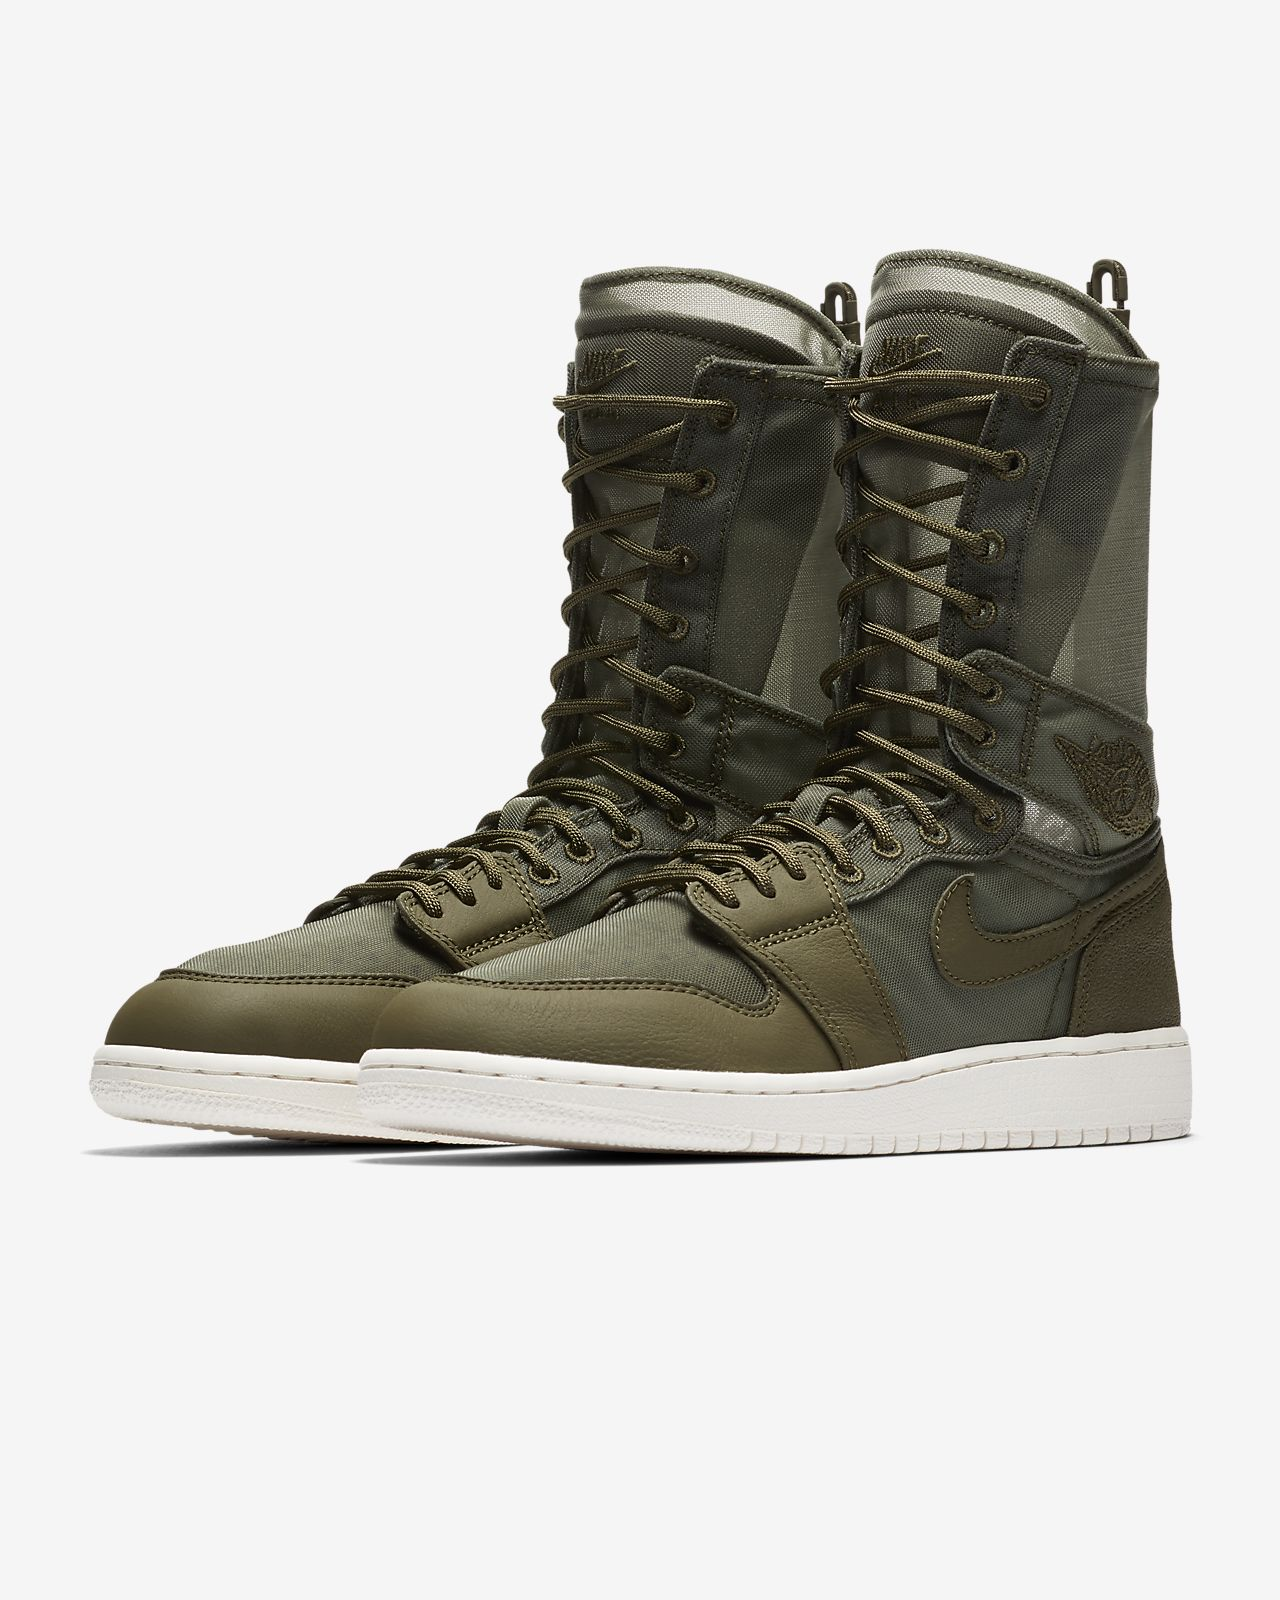 706bd49d754 Air Jordan 1 Explorer XX Women's Shoe